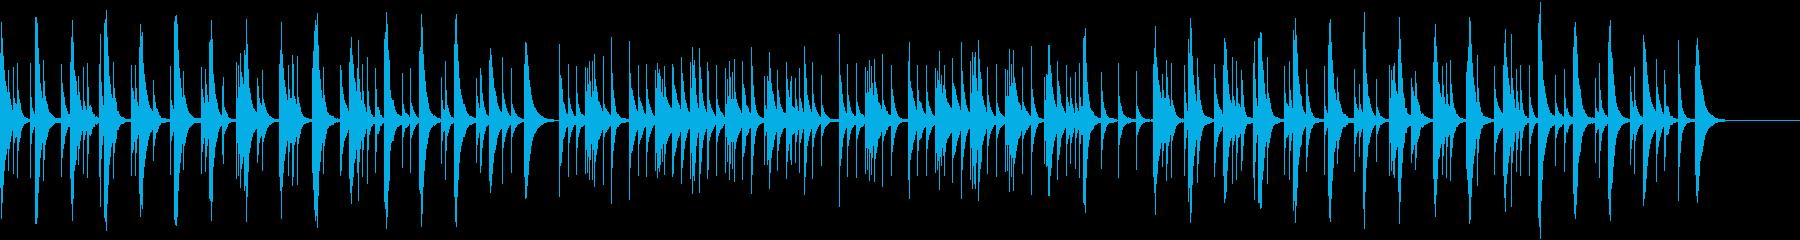 オルゴールの優しくてしんみりするBGMの再生済みの波形